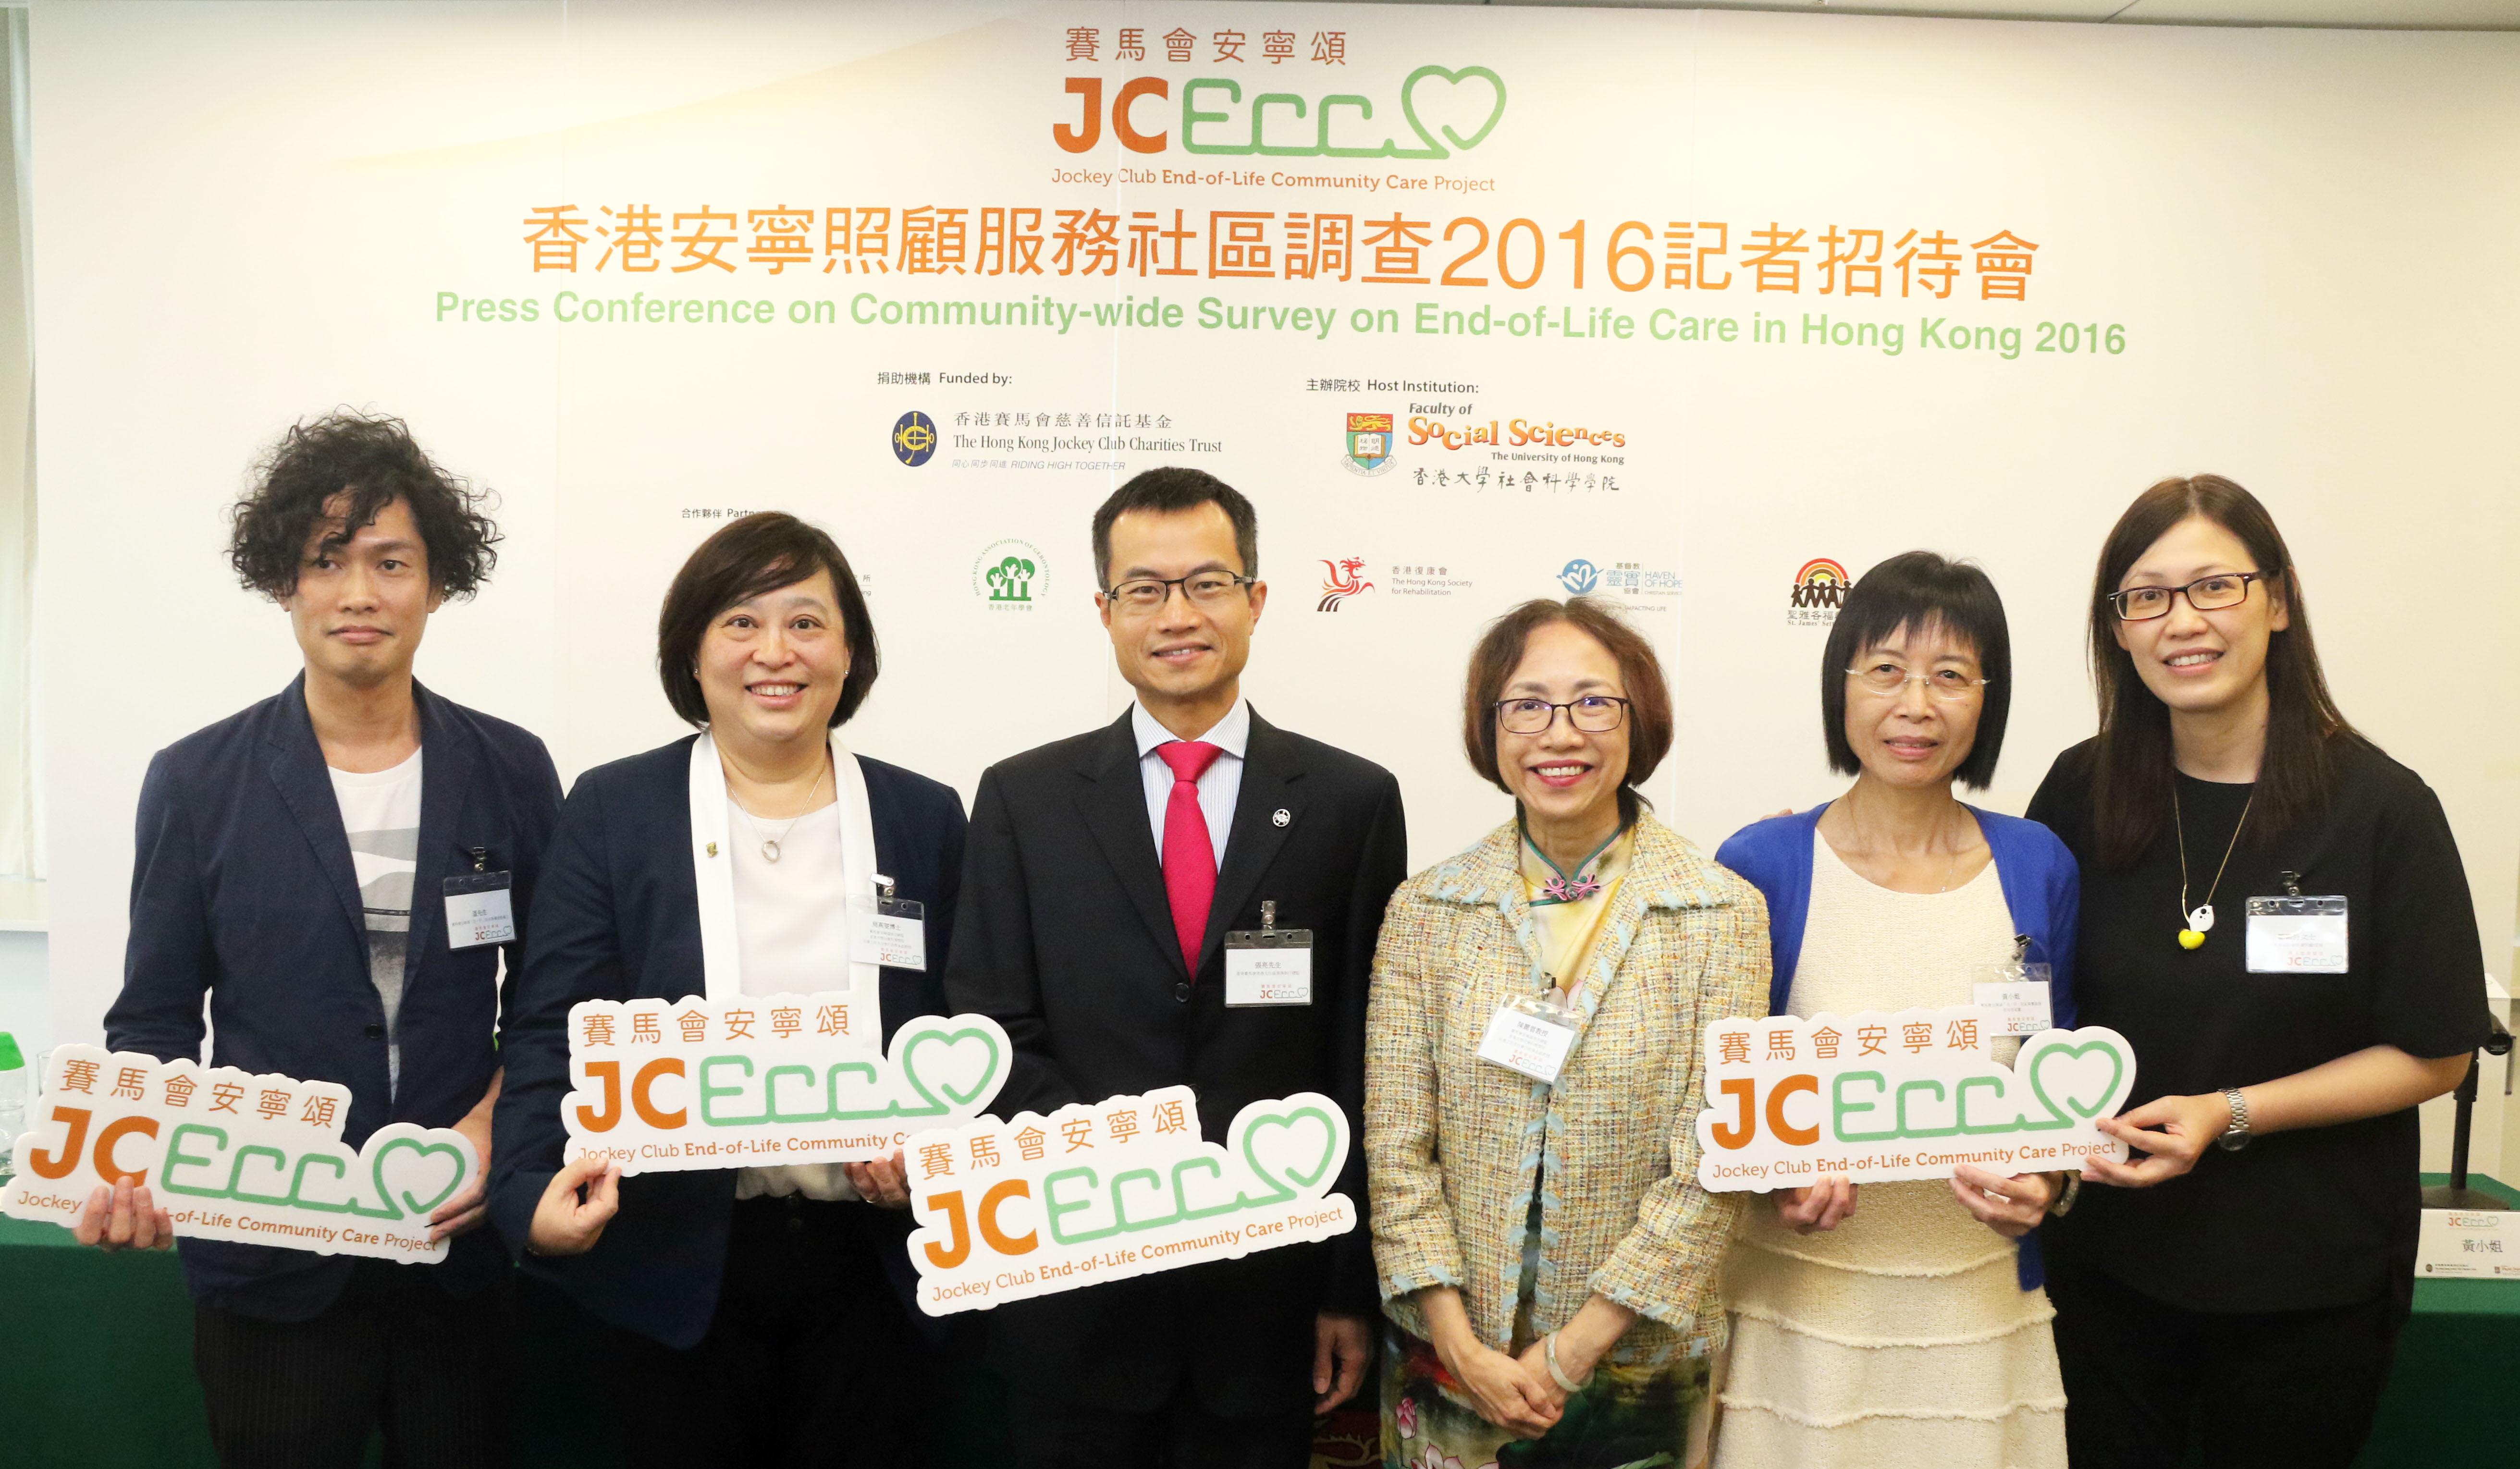 香港安寧照顧服務社區調查2016記者招待會相關報道 | JCECC